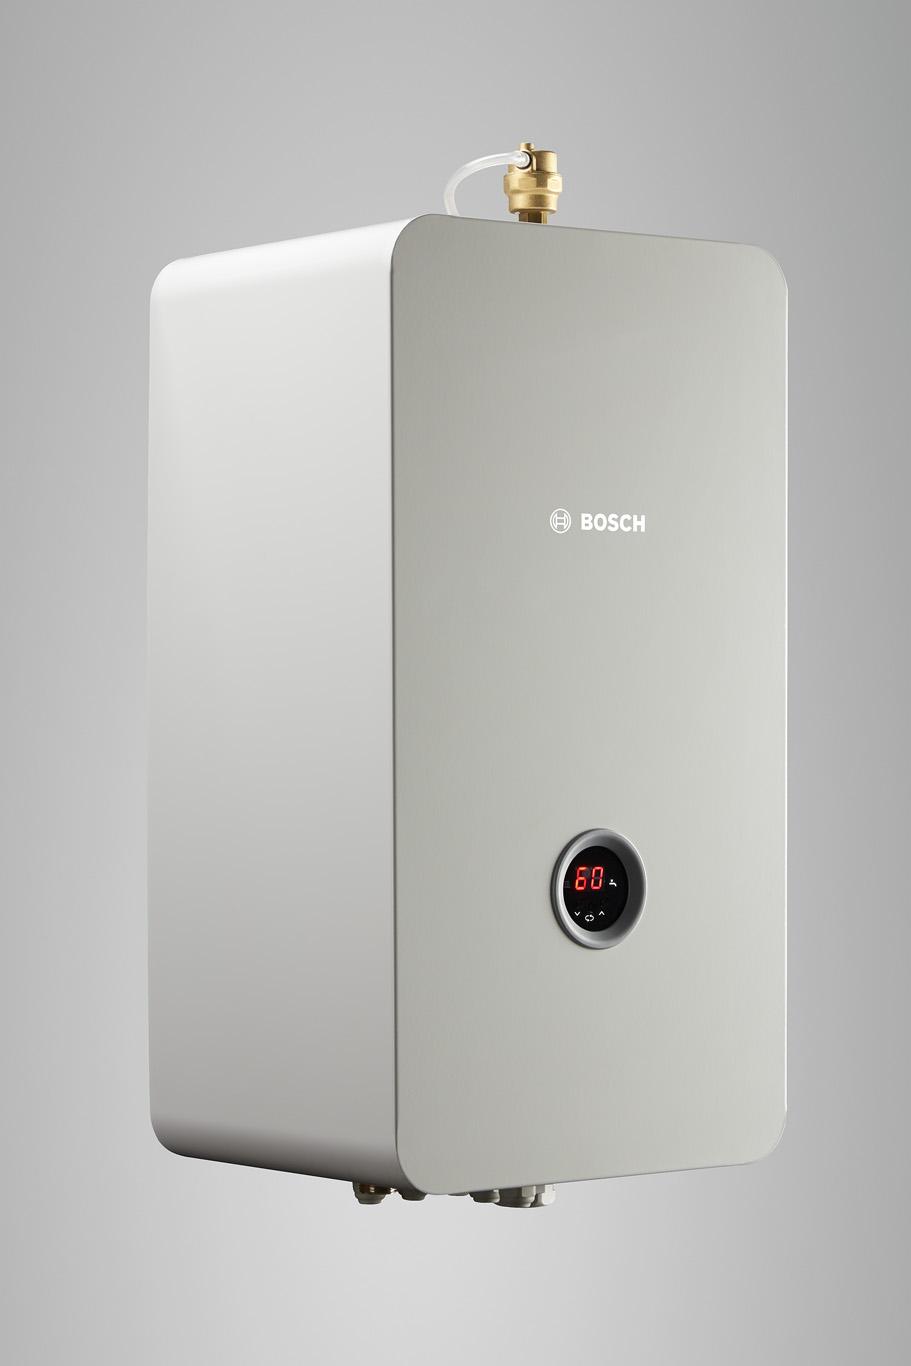 BOSCH Tronic Heat 3500 H 6 kW